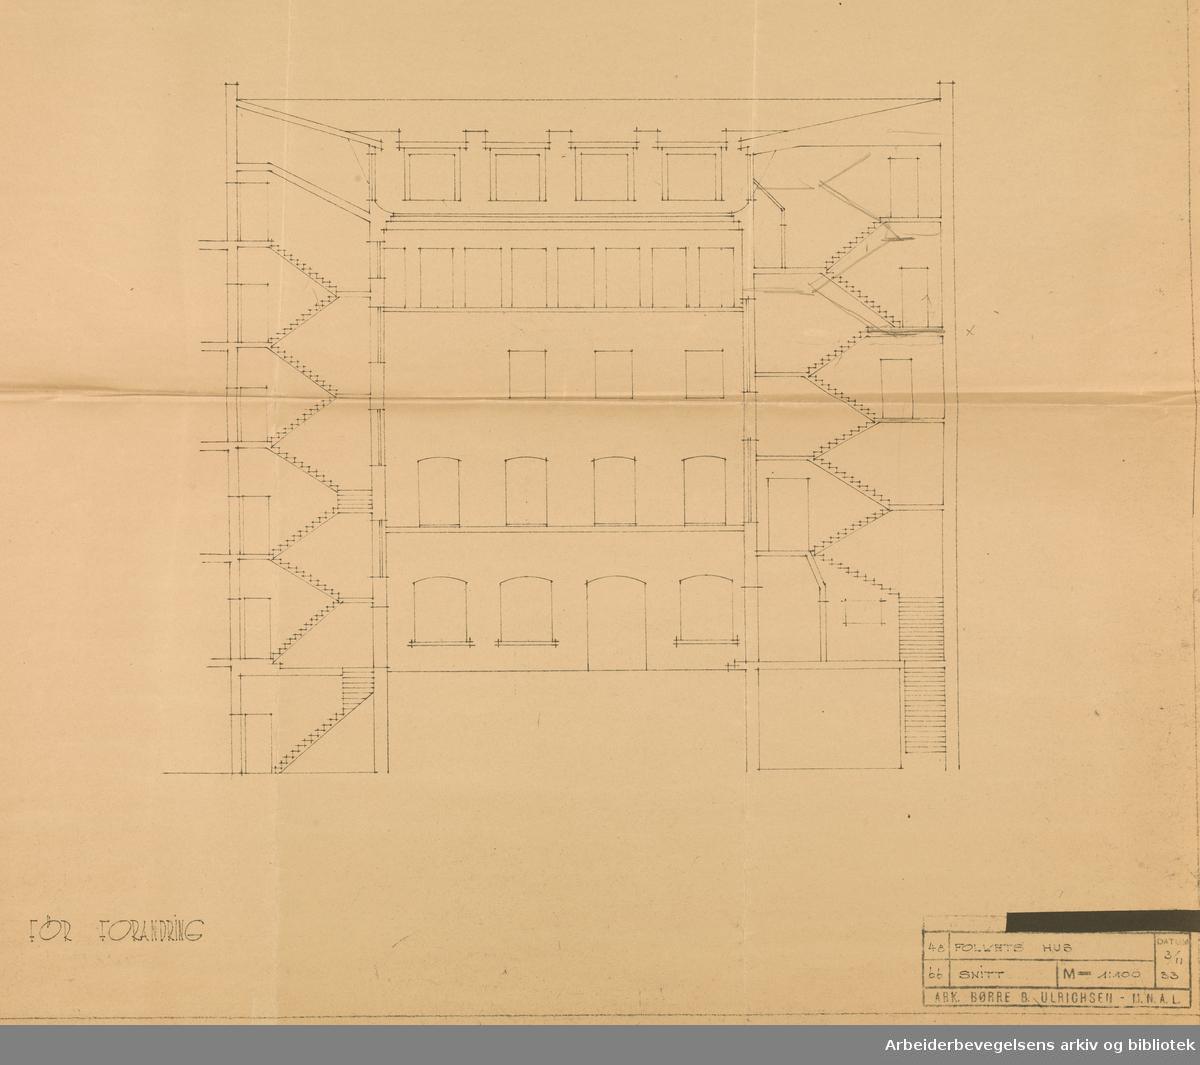 Arkitekttegning til ombygging av Folkets Hus på Youngstorget i Oslo. Snitt. Før forandring. Arkitekt Børre B. Ulrichsen. 3. november 1933.